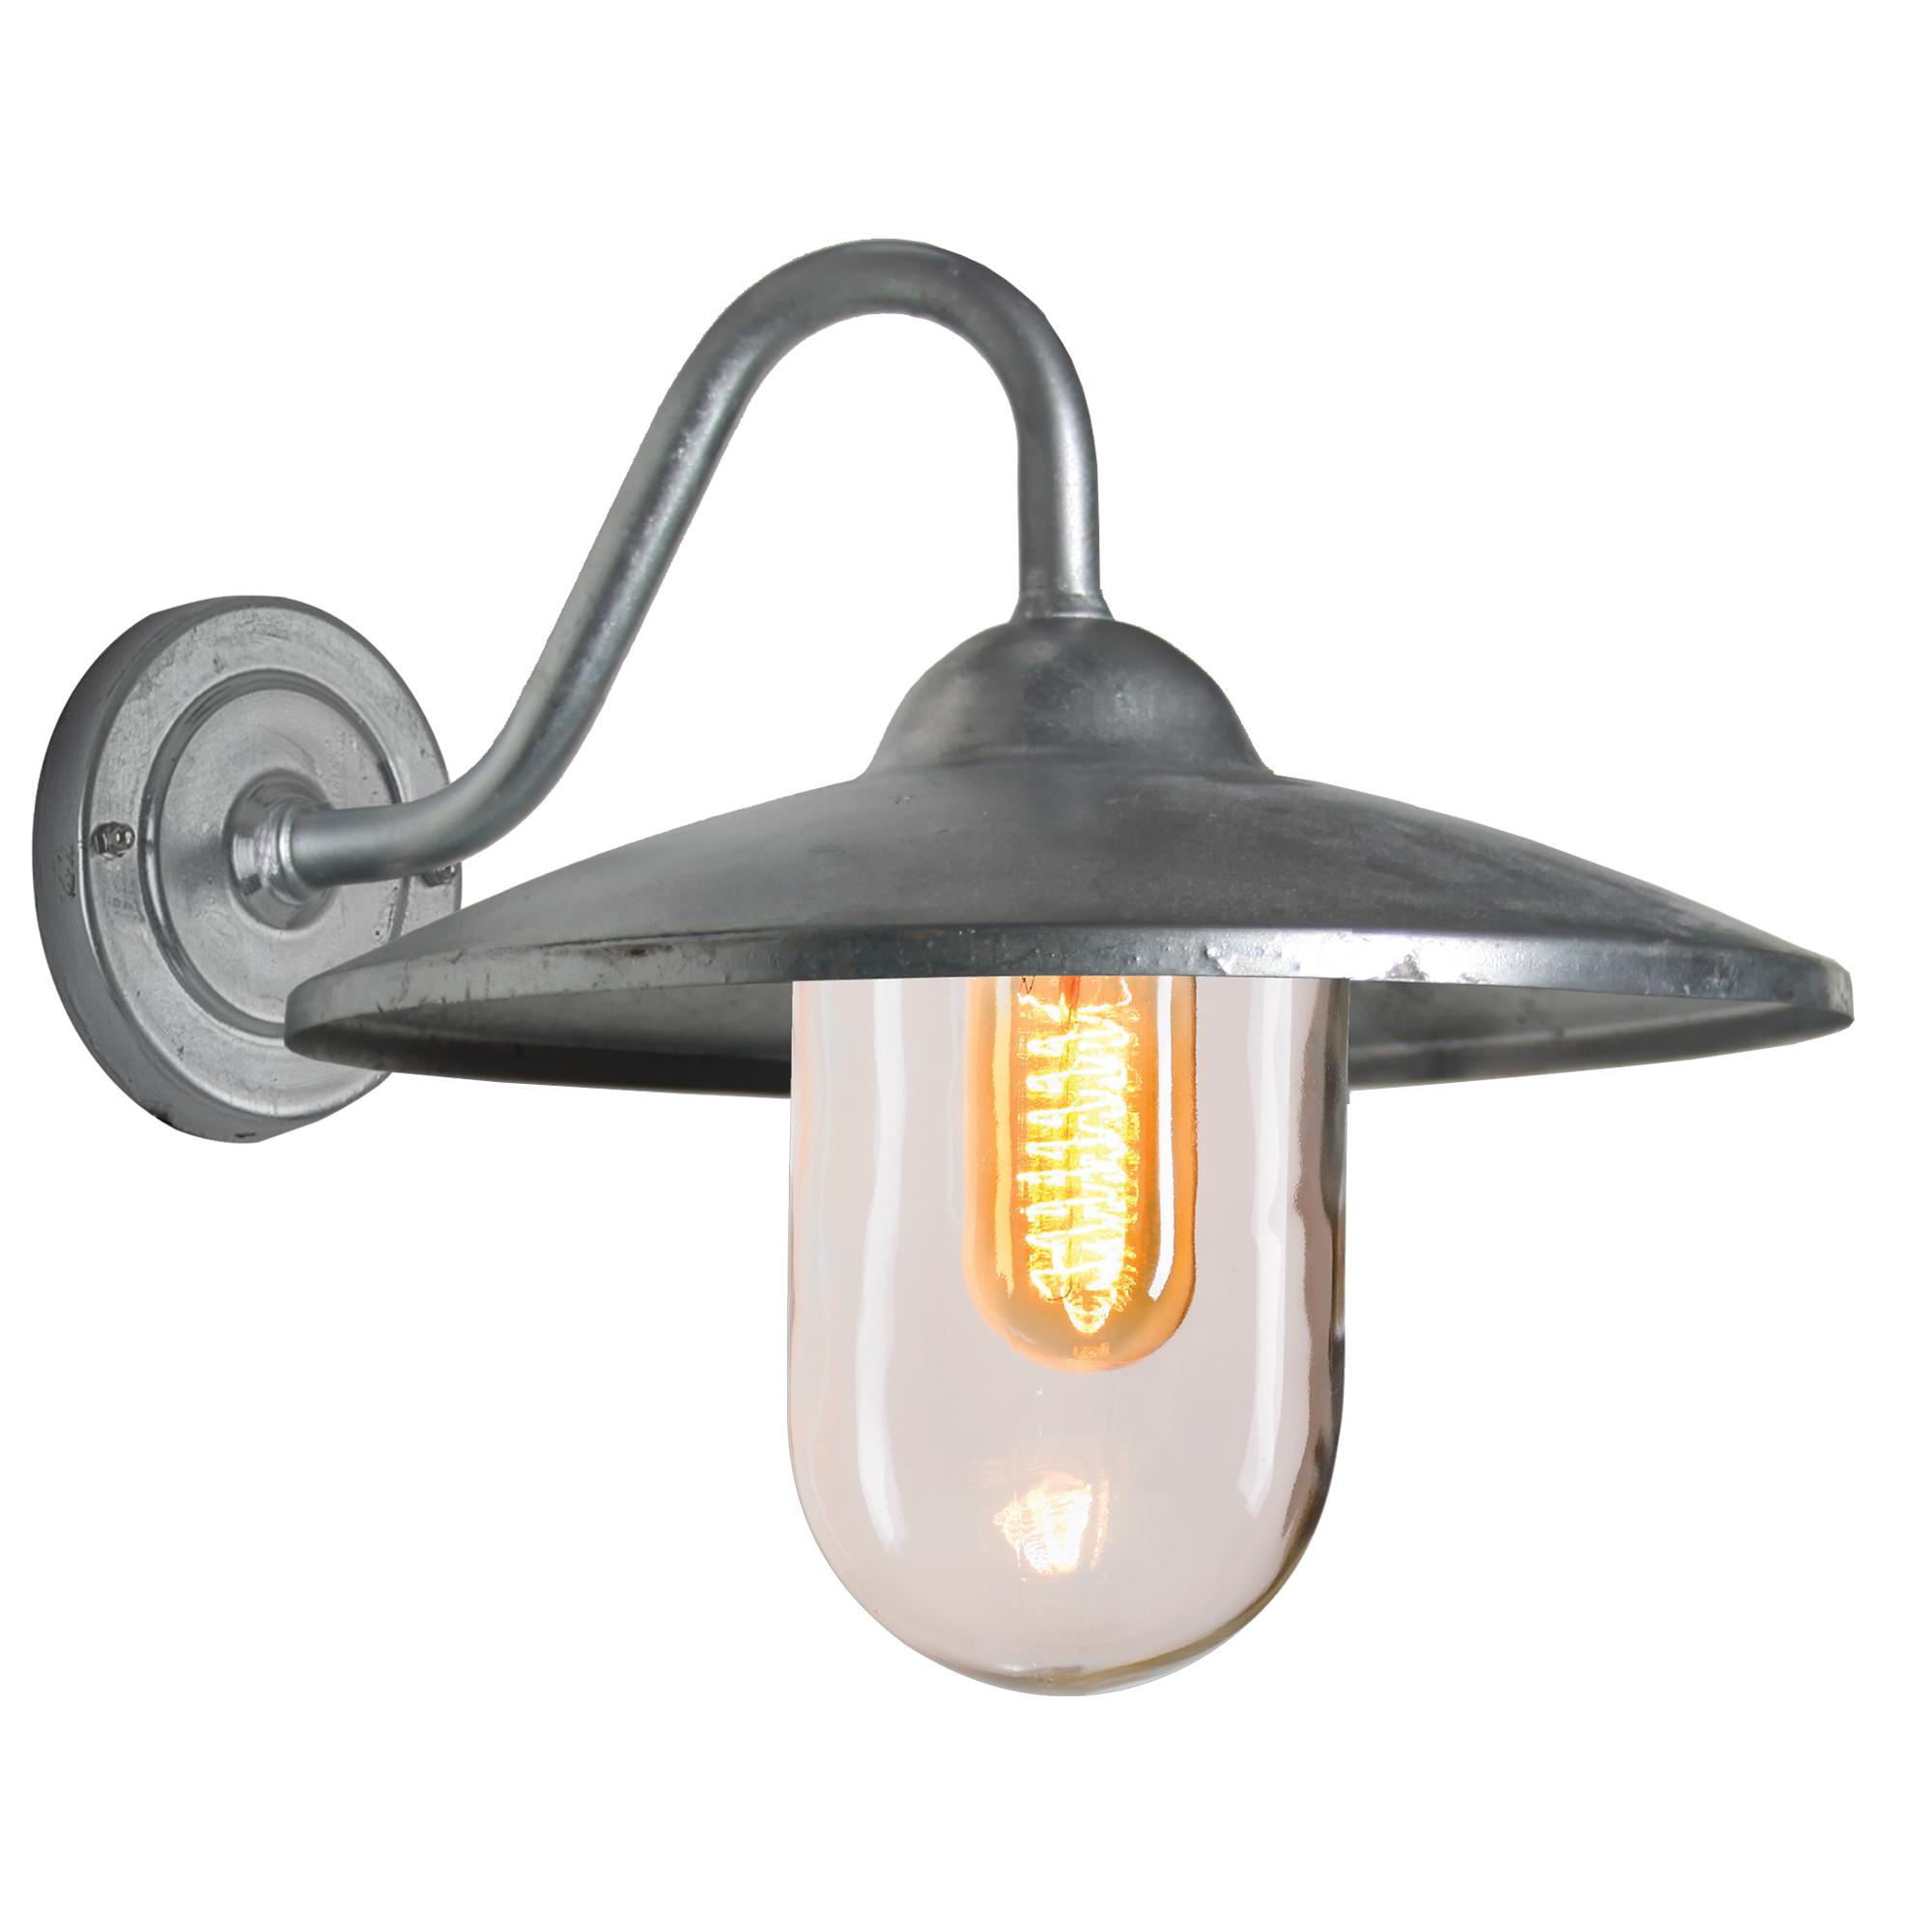 Buitenlamp Brig gegalvaniseerd Dag Nacht Schemersensor LED